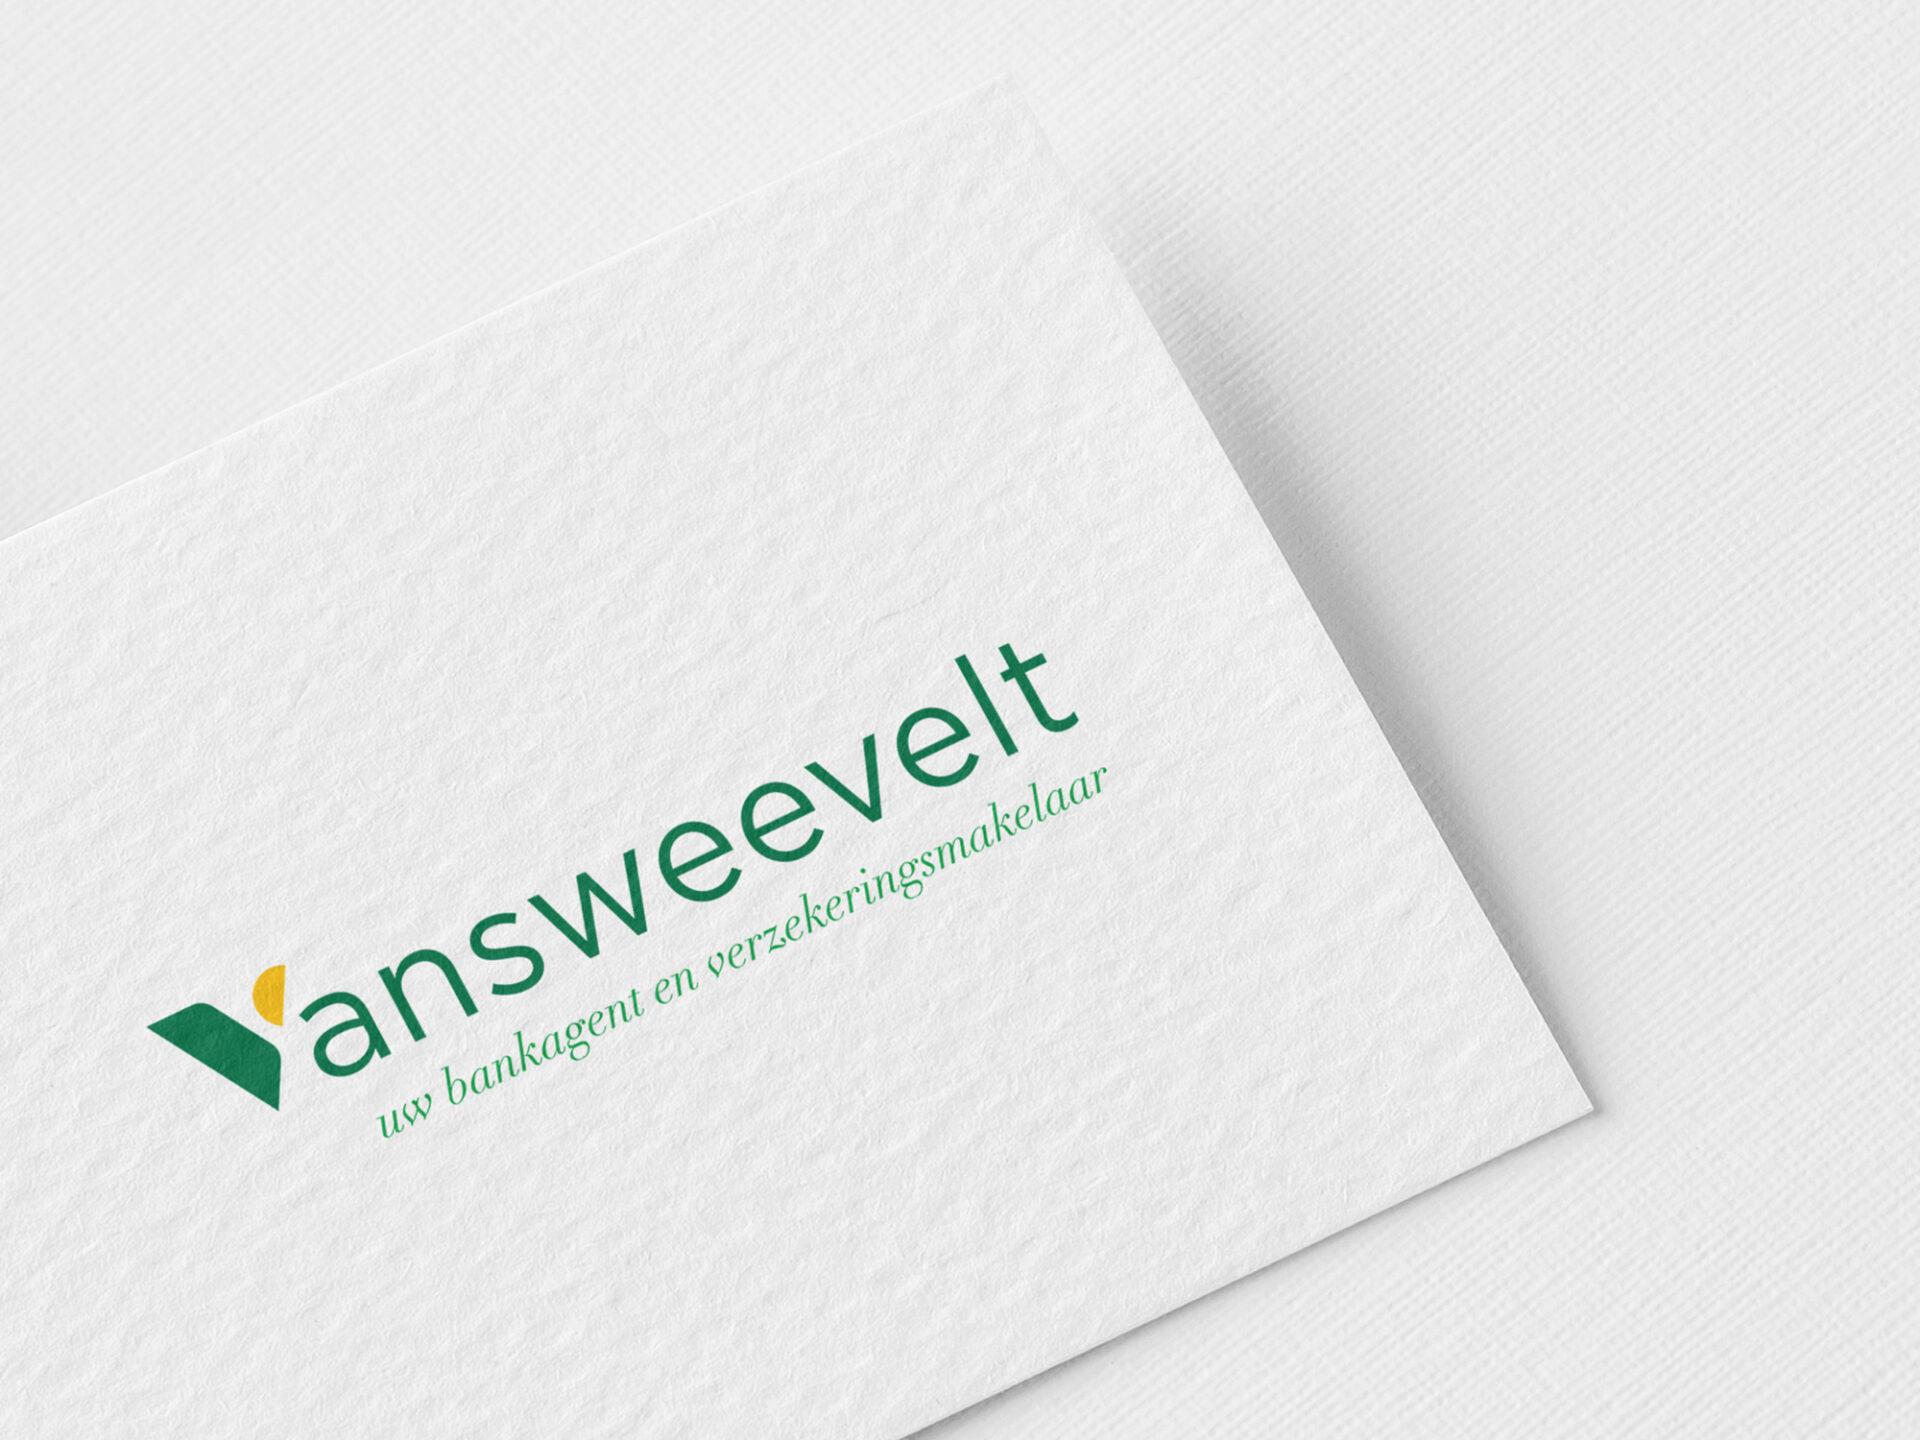 logo_ontwerp_bankagent_verzekeringsmakelaar